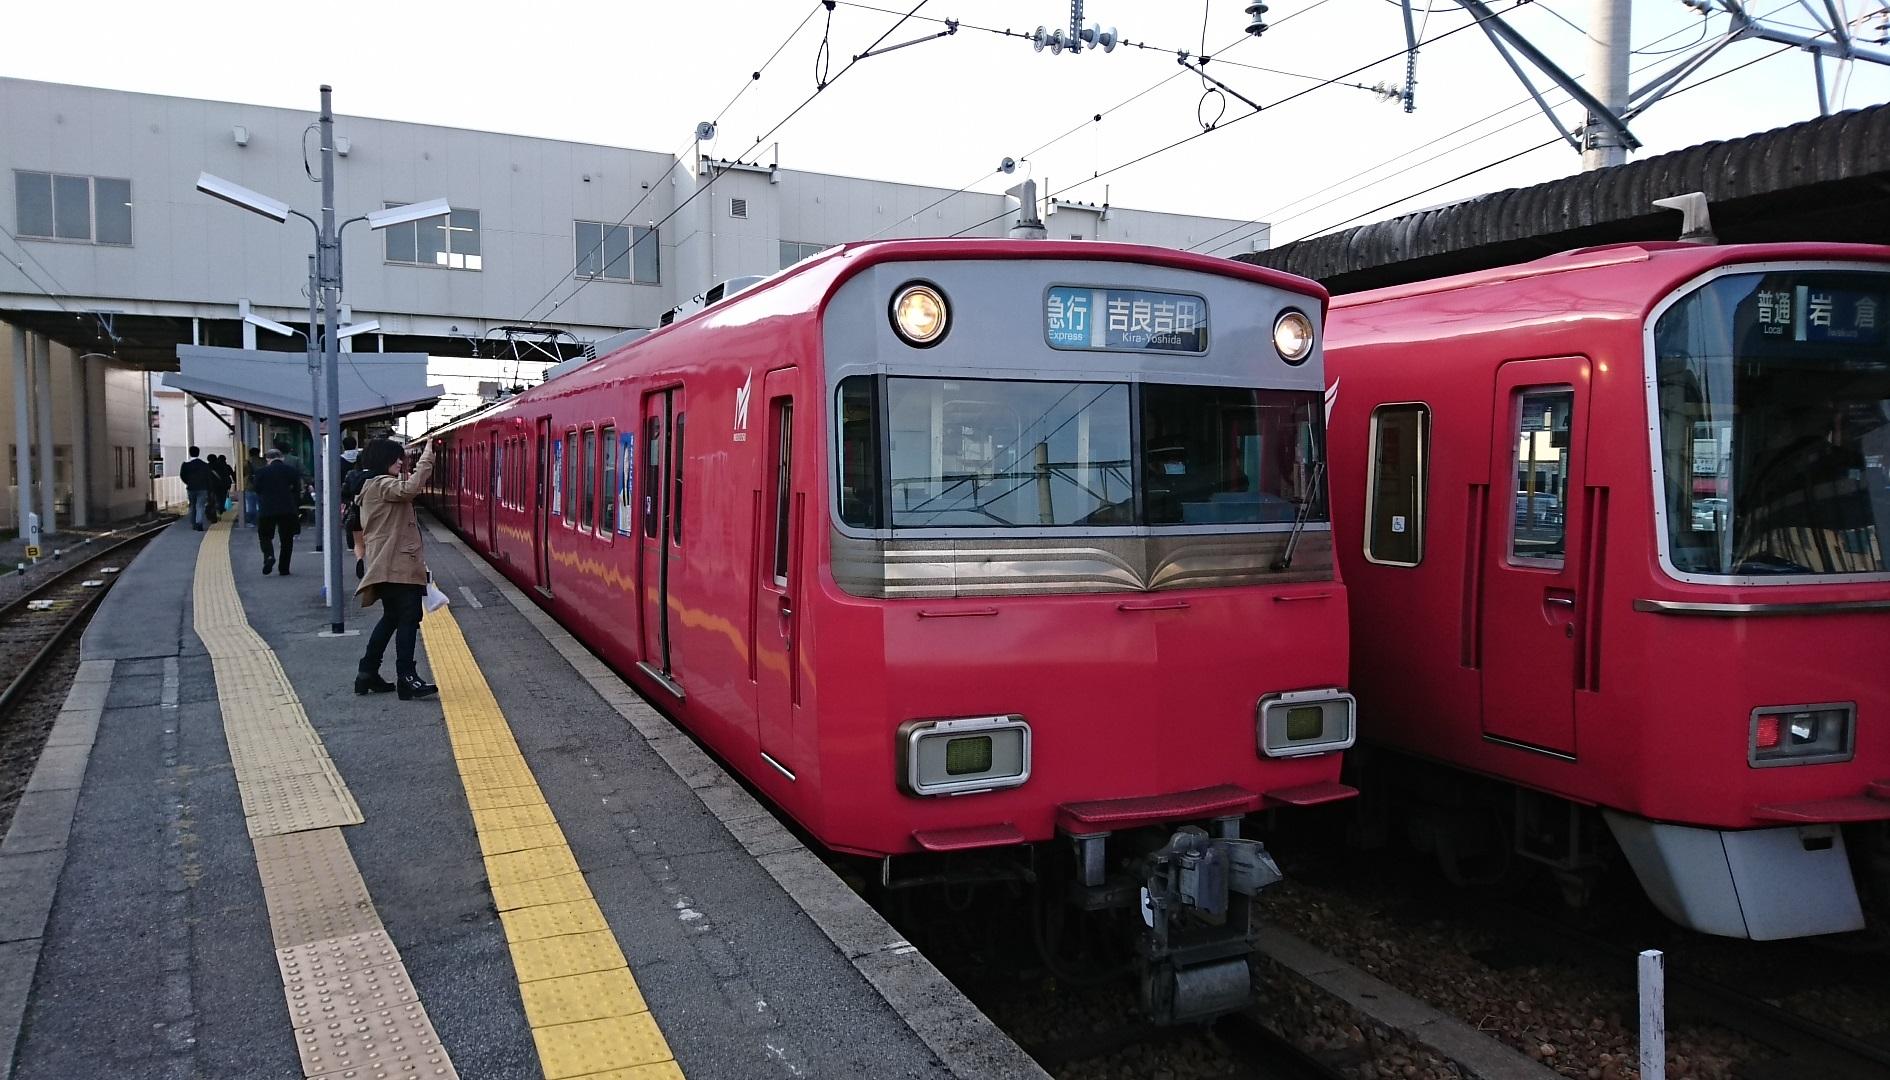 2017.3.12 名古屋 (45) しんあんじょう - 吉良吉田いき急行 1890-1080